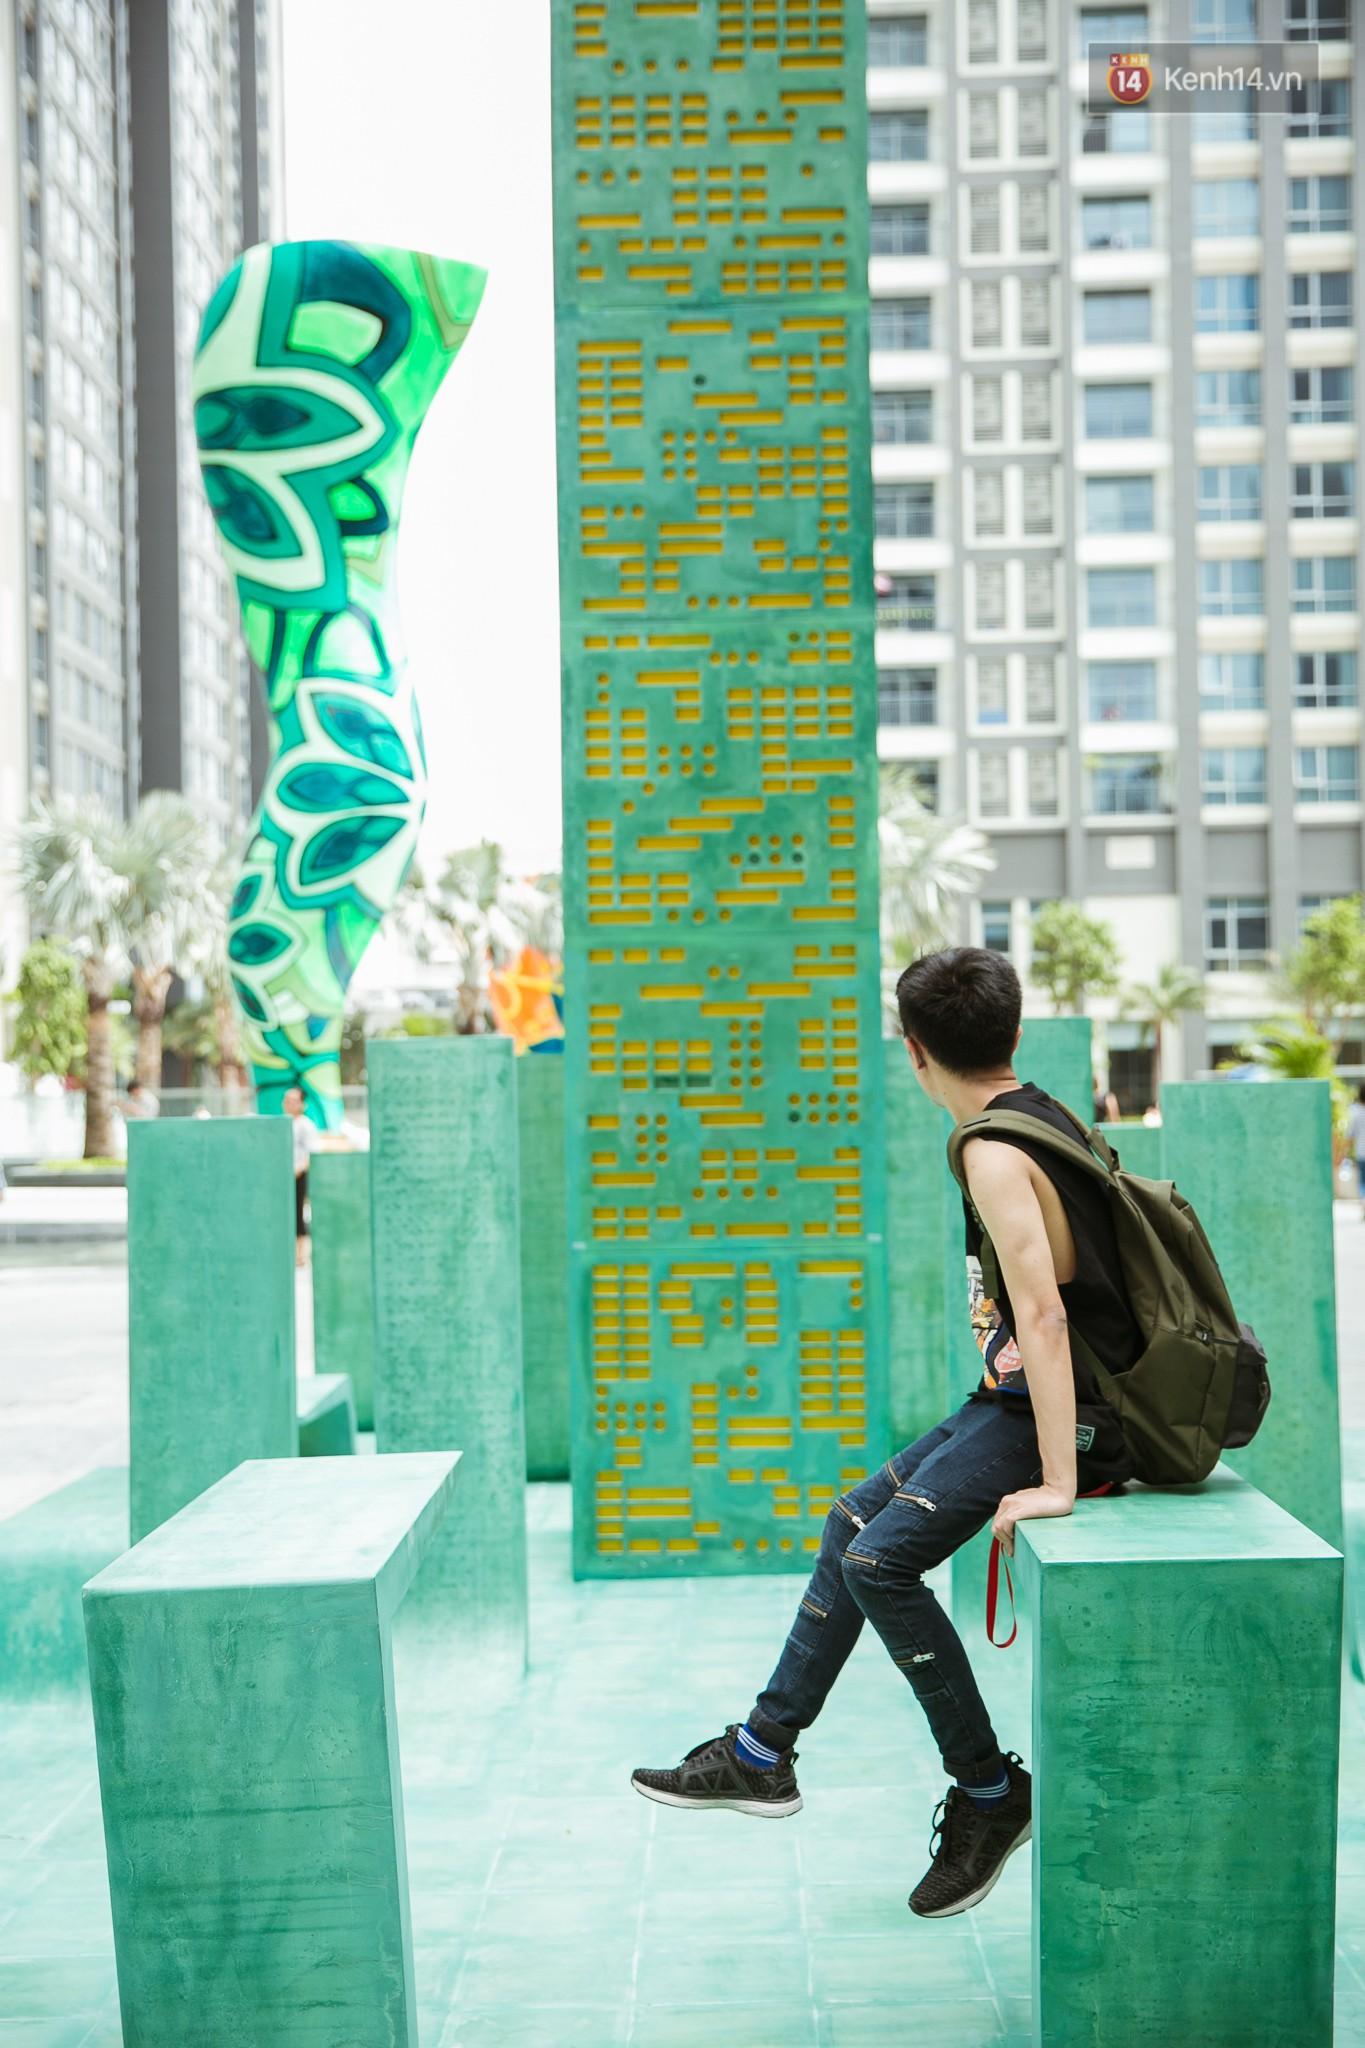 10 lí do khiến Landmark 81 chắc chắn sẽ trở thành thiên đường ăn chơi mới của giới trẻ Sài Gòn - Ảnh 36.